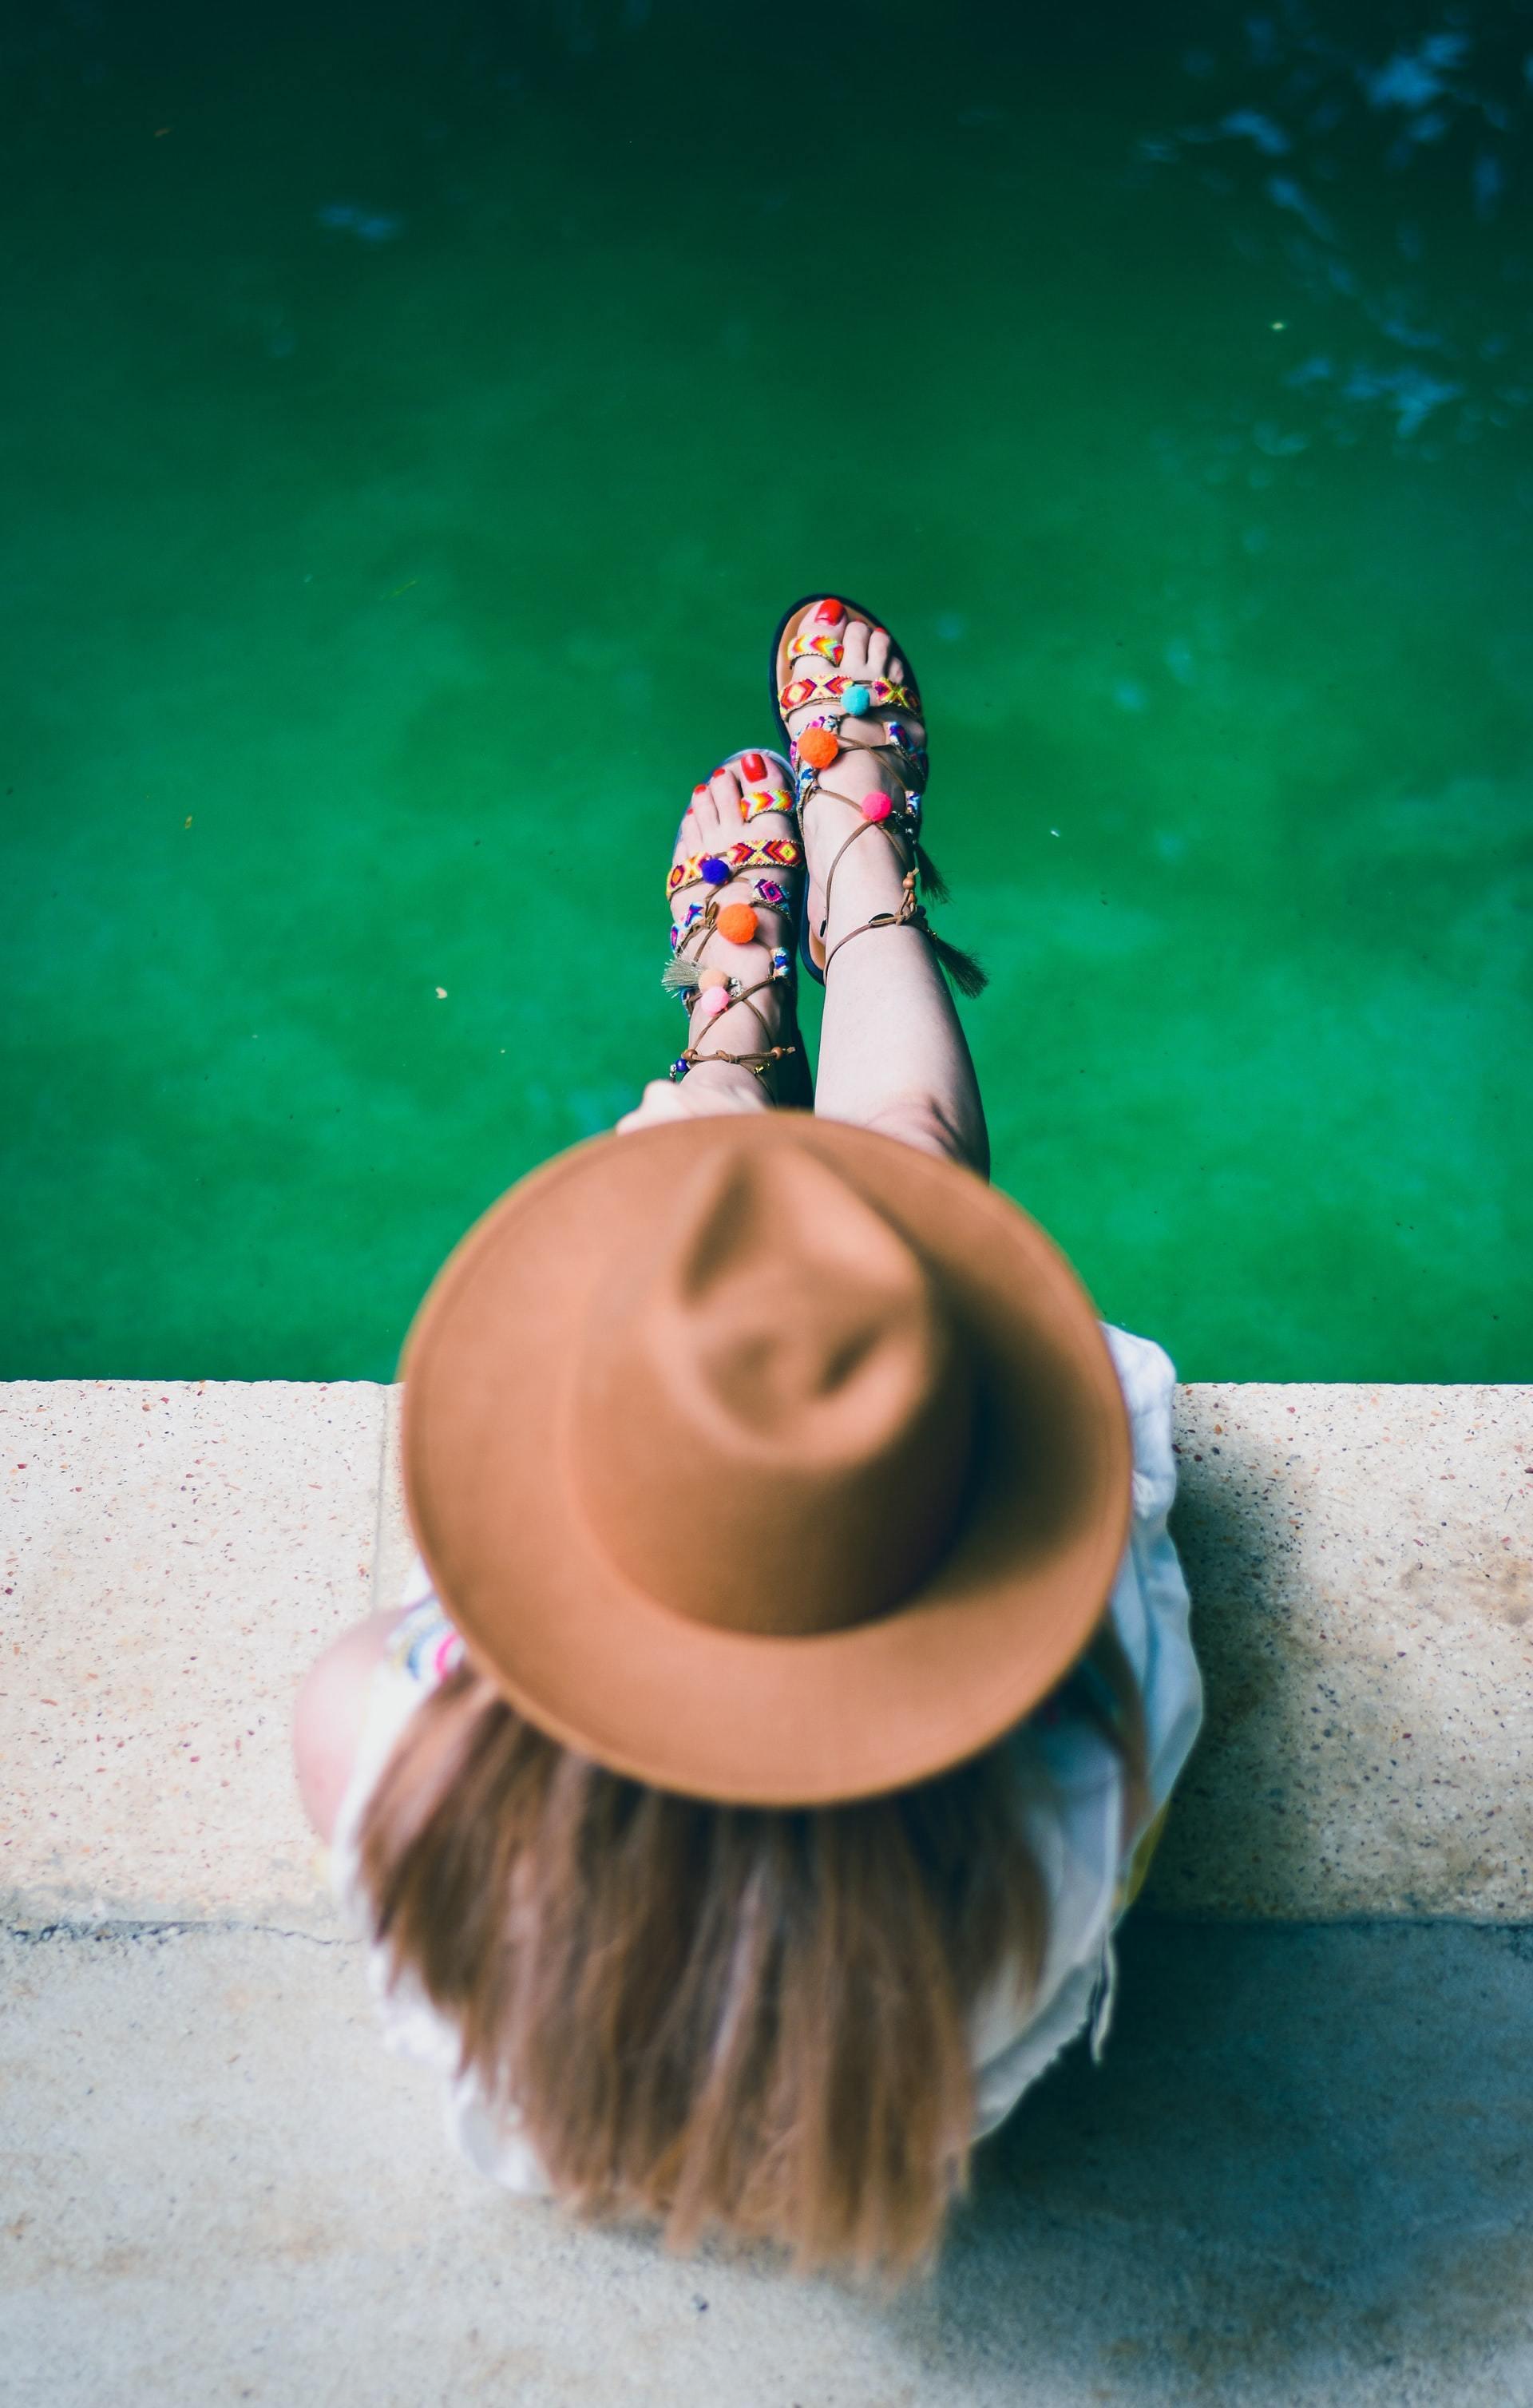 坐在河堤边的可爱小女孩唯美不露脸图片